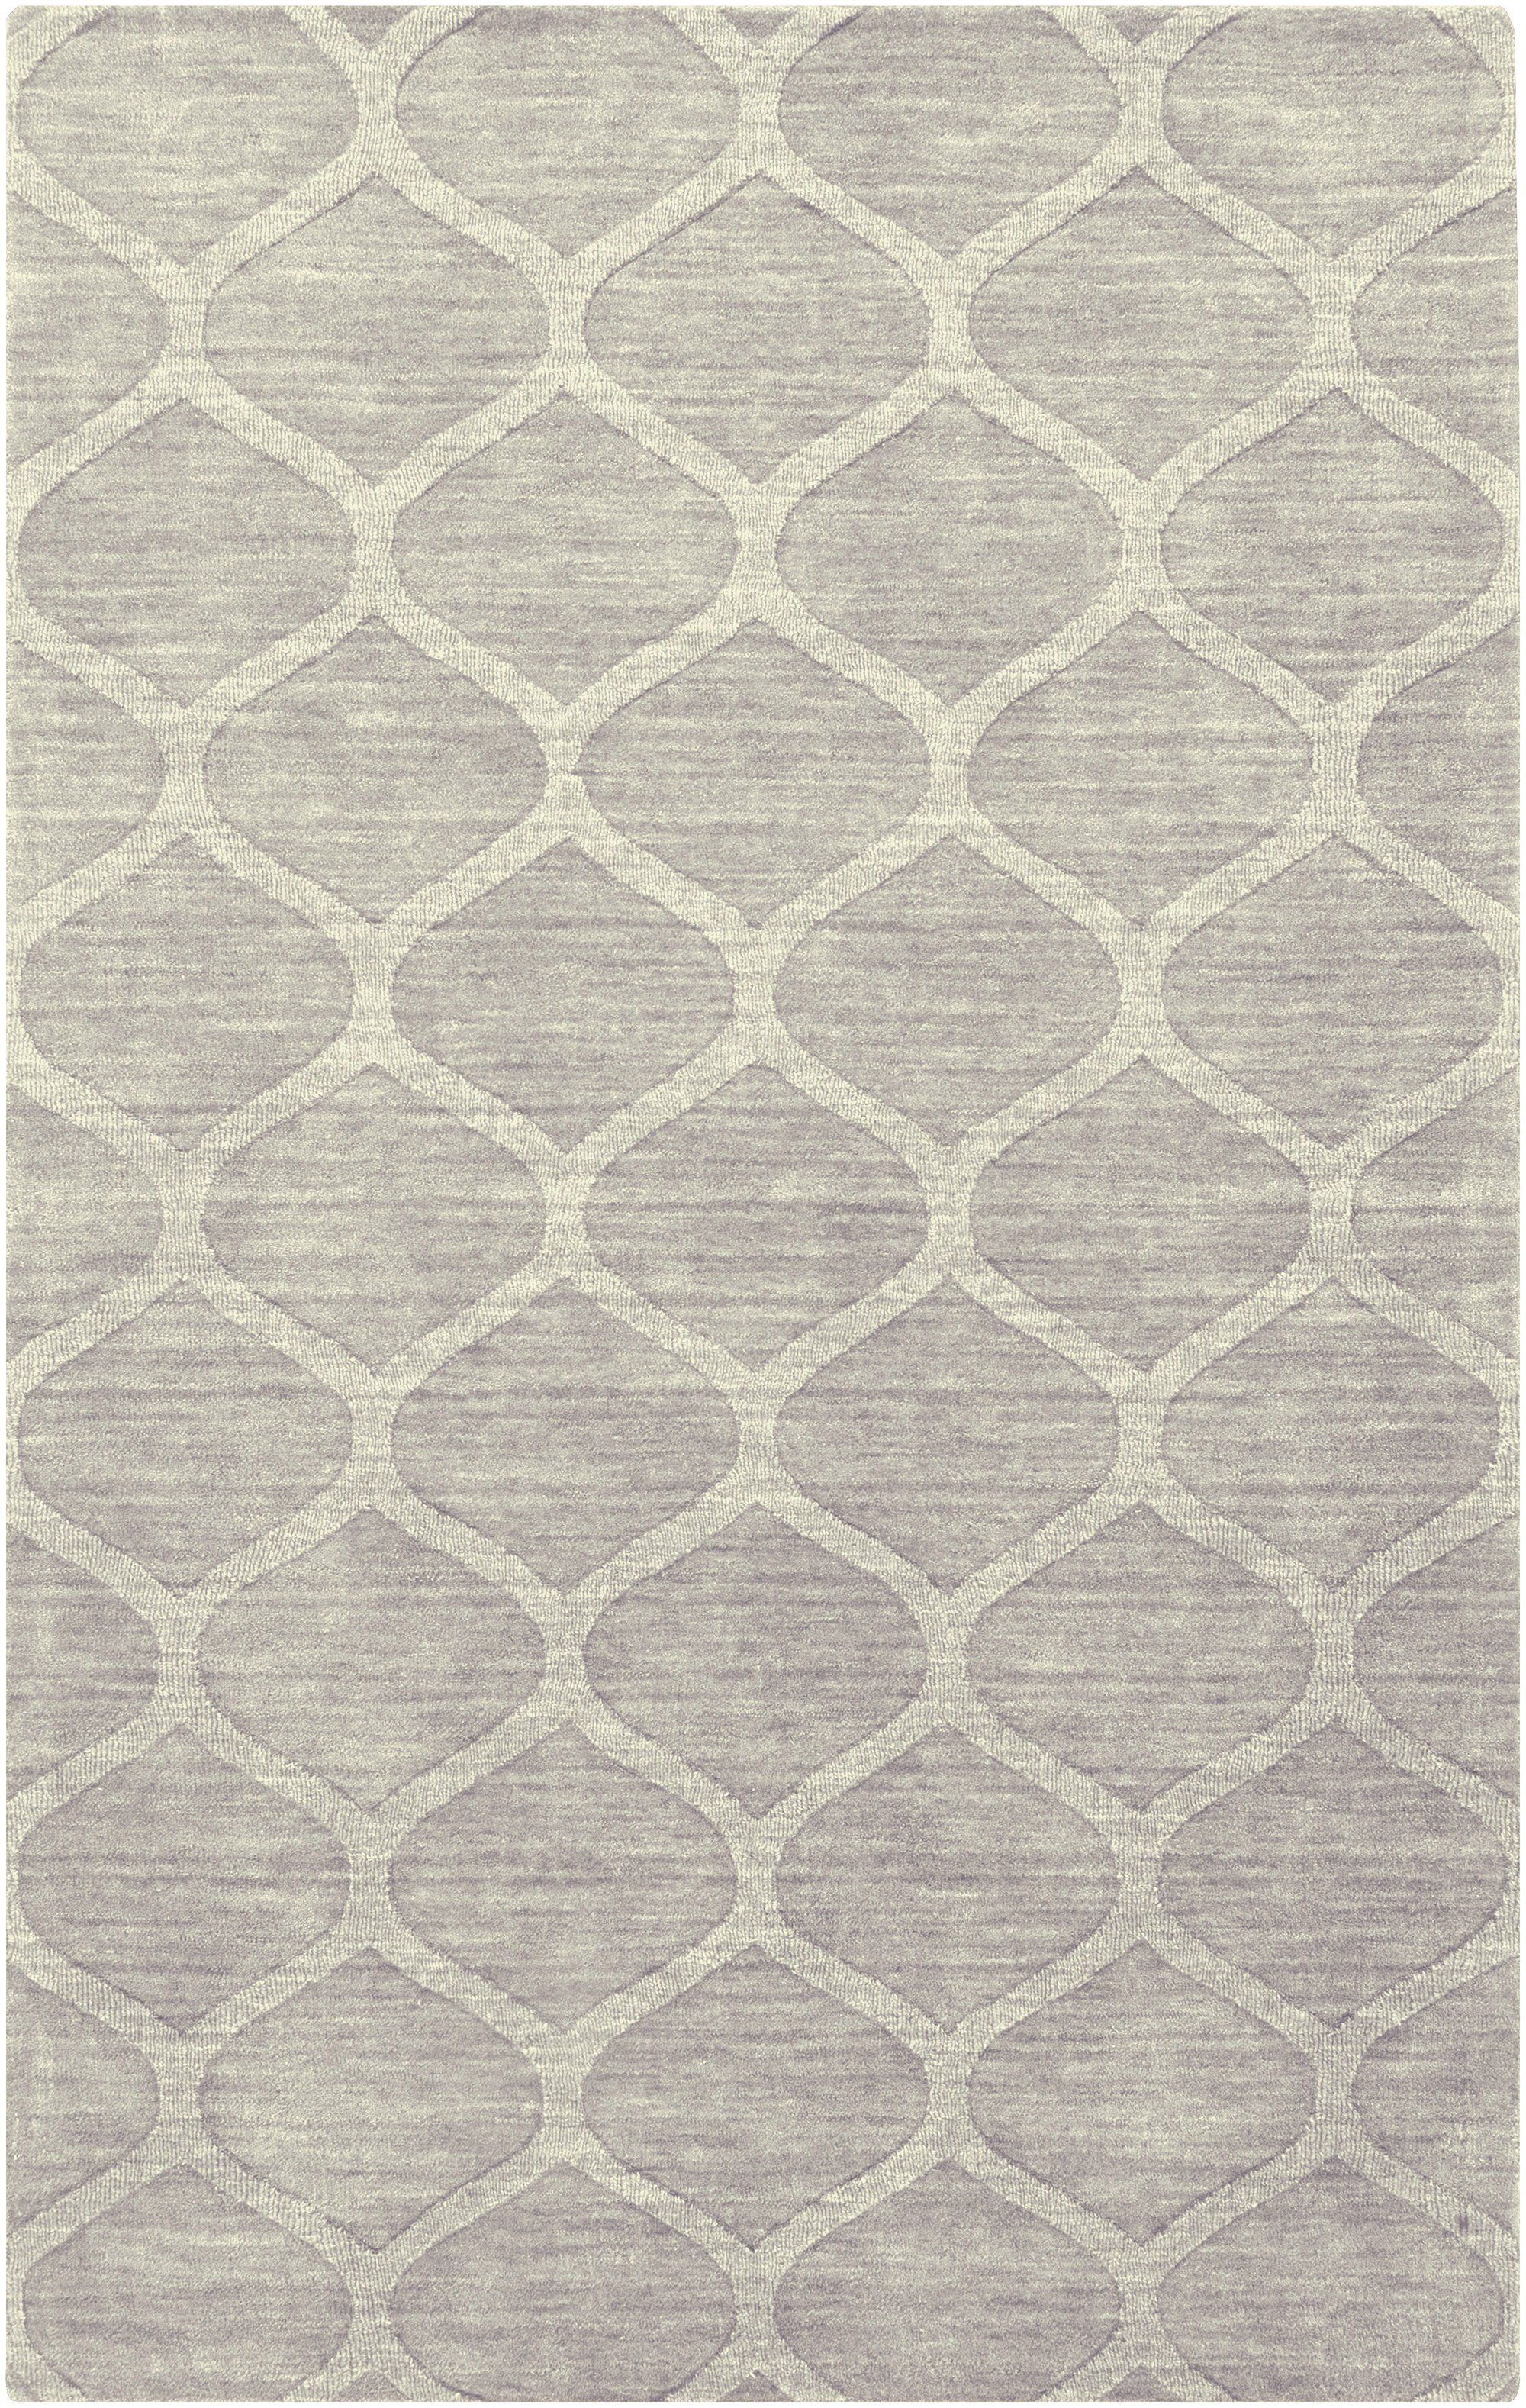 Surya Mystique M5101 Grey Tone On Tone Area Rug In 2021 Teal Area Rug Area Rugs Wool Area Rugs Tone on tone area rug